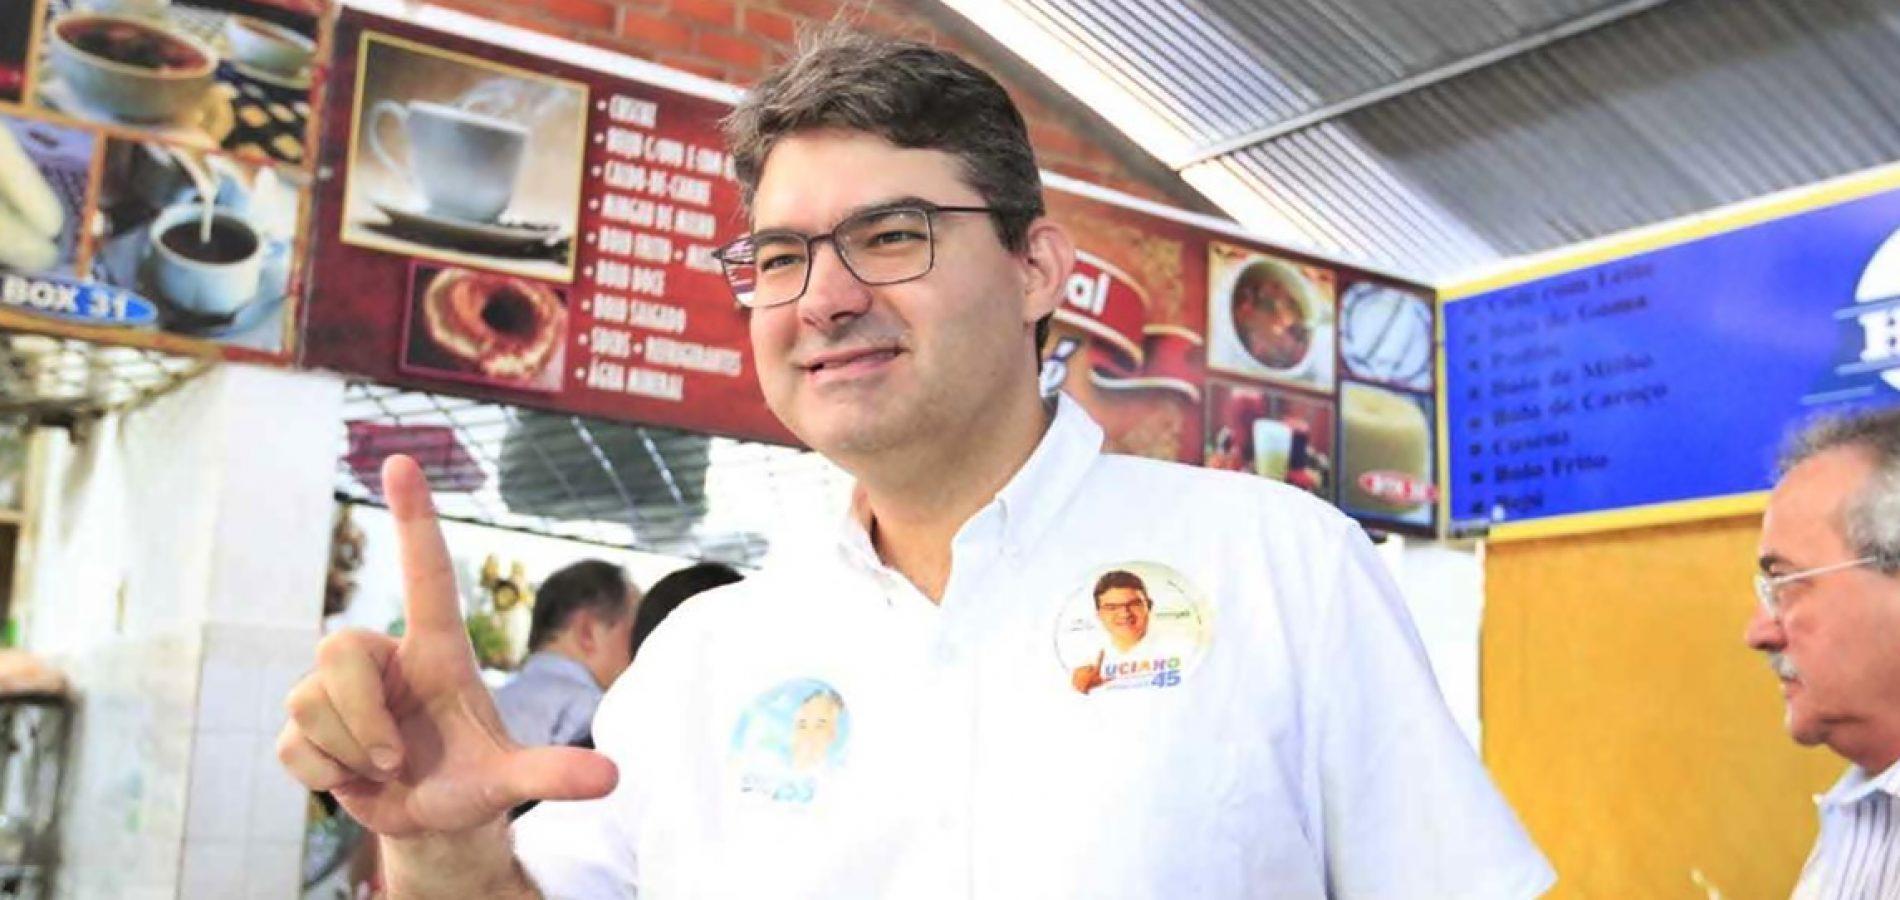 Em campanha, Luciano Nunes vai visitar 22 cidades da região de Picos; veja agenda